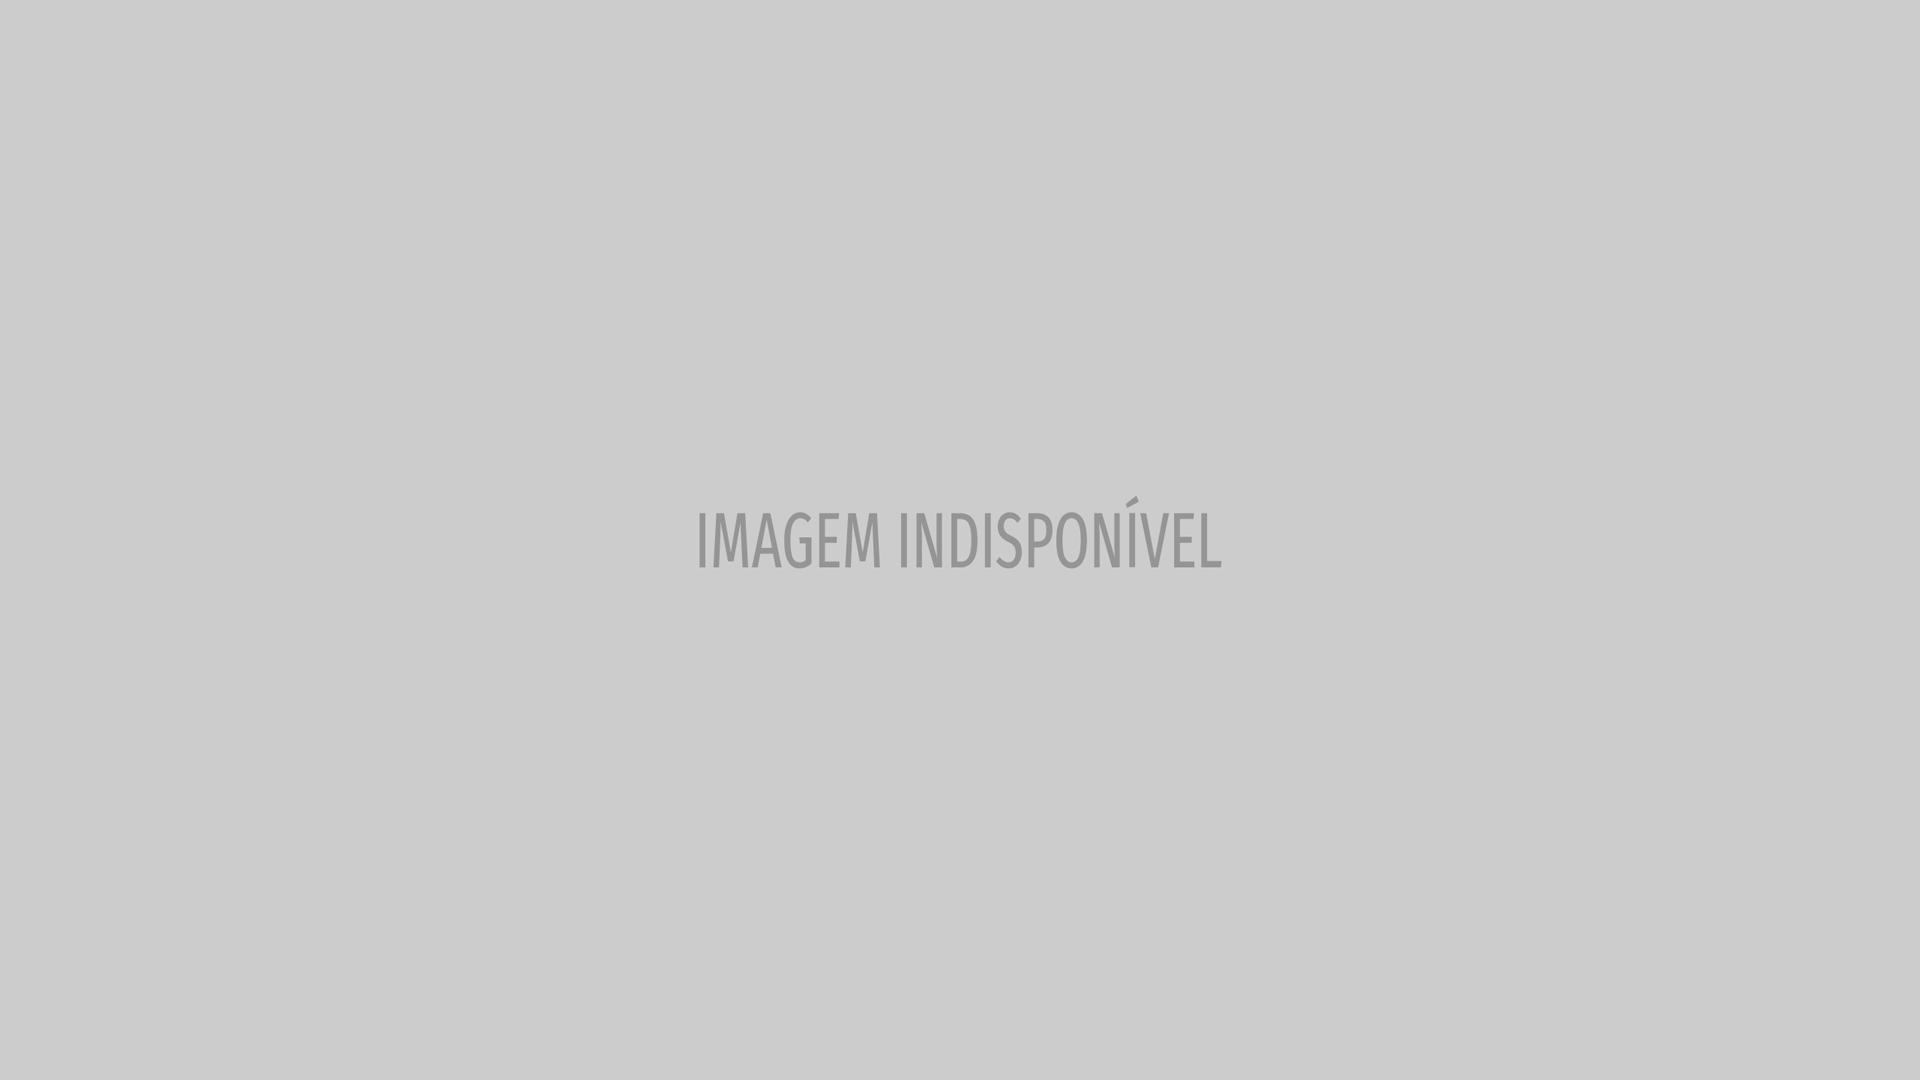 Nova música ou projeto na TV? Raquel Tavares prepara surpresa para breve